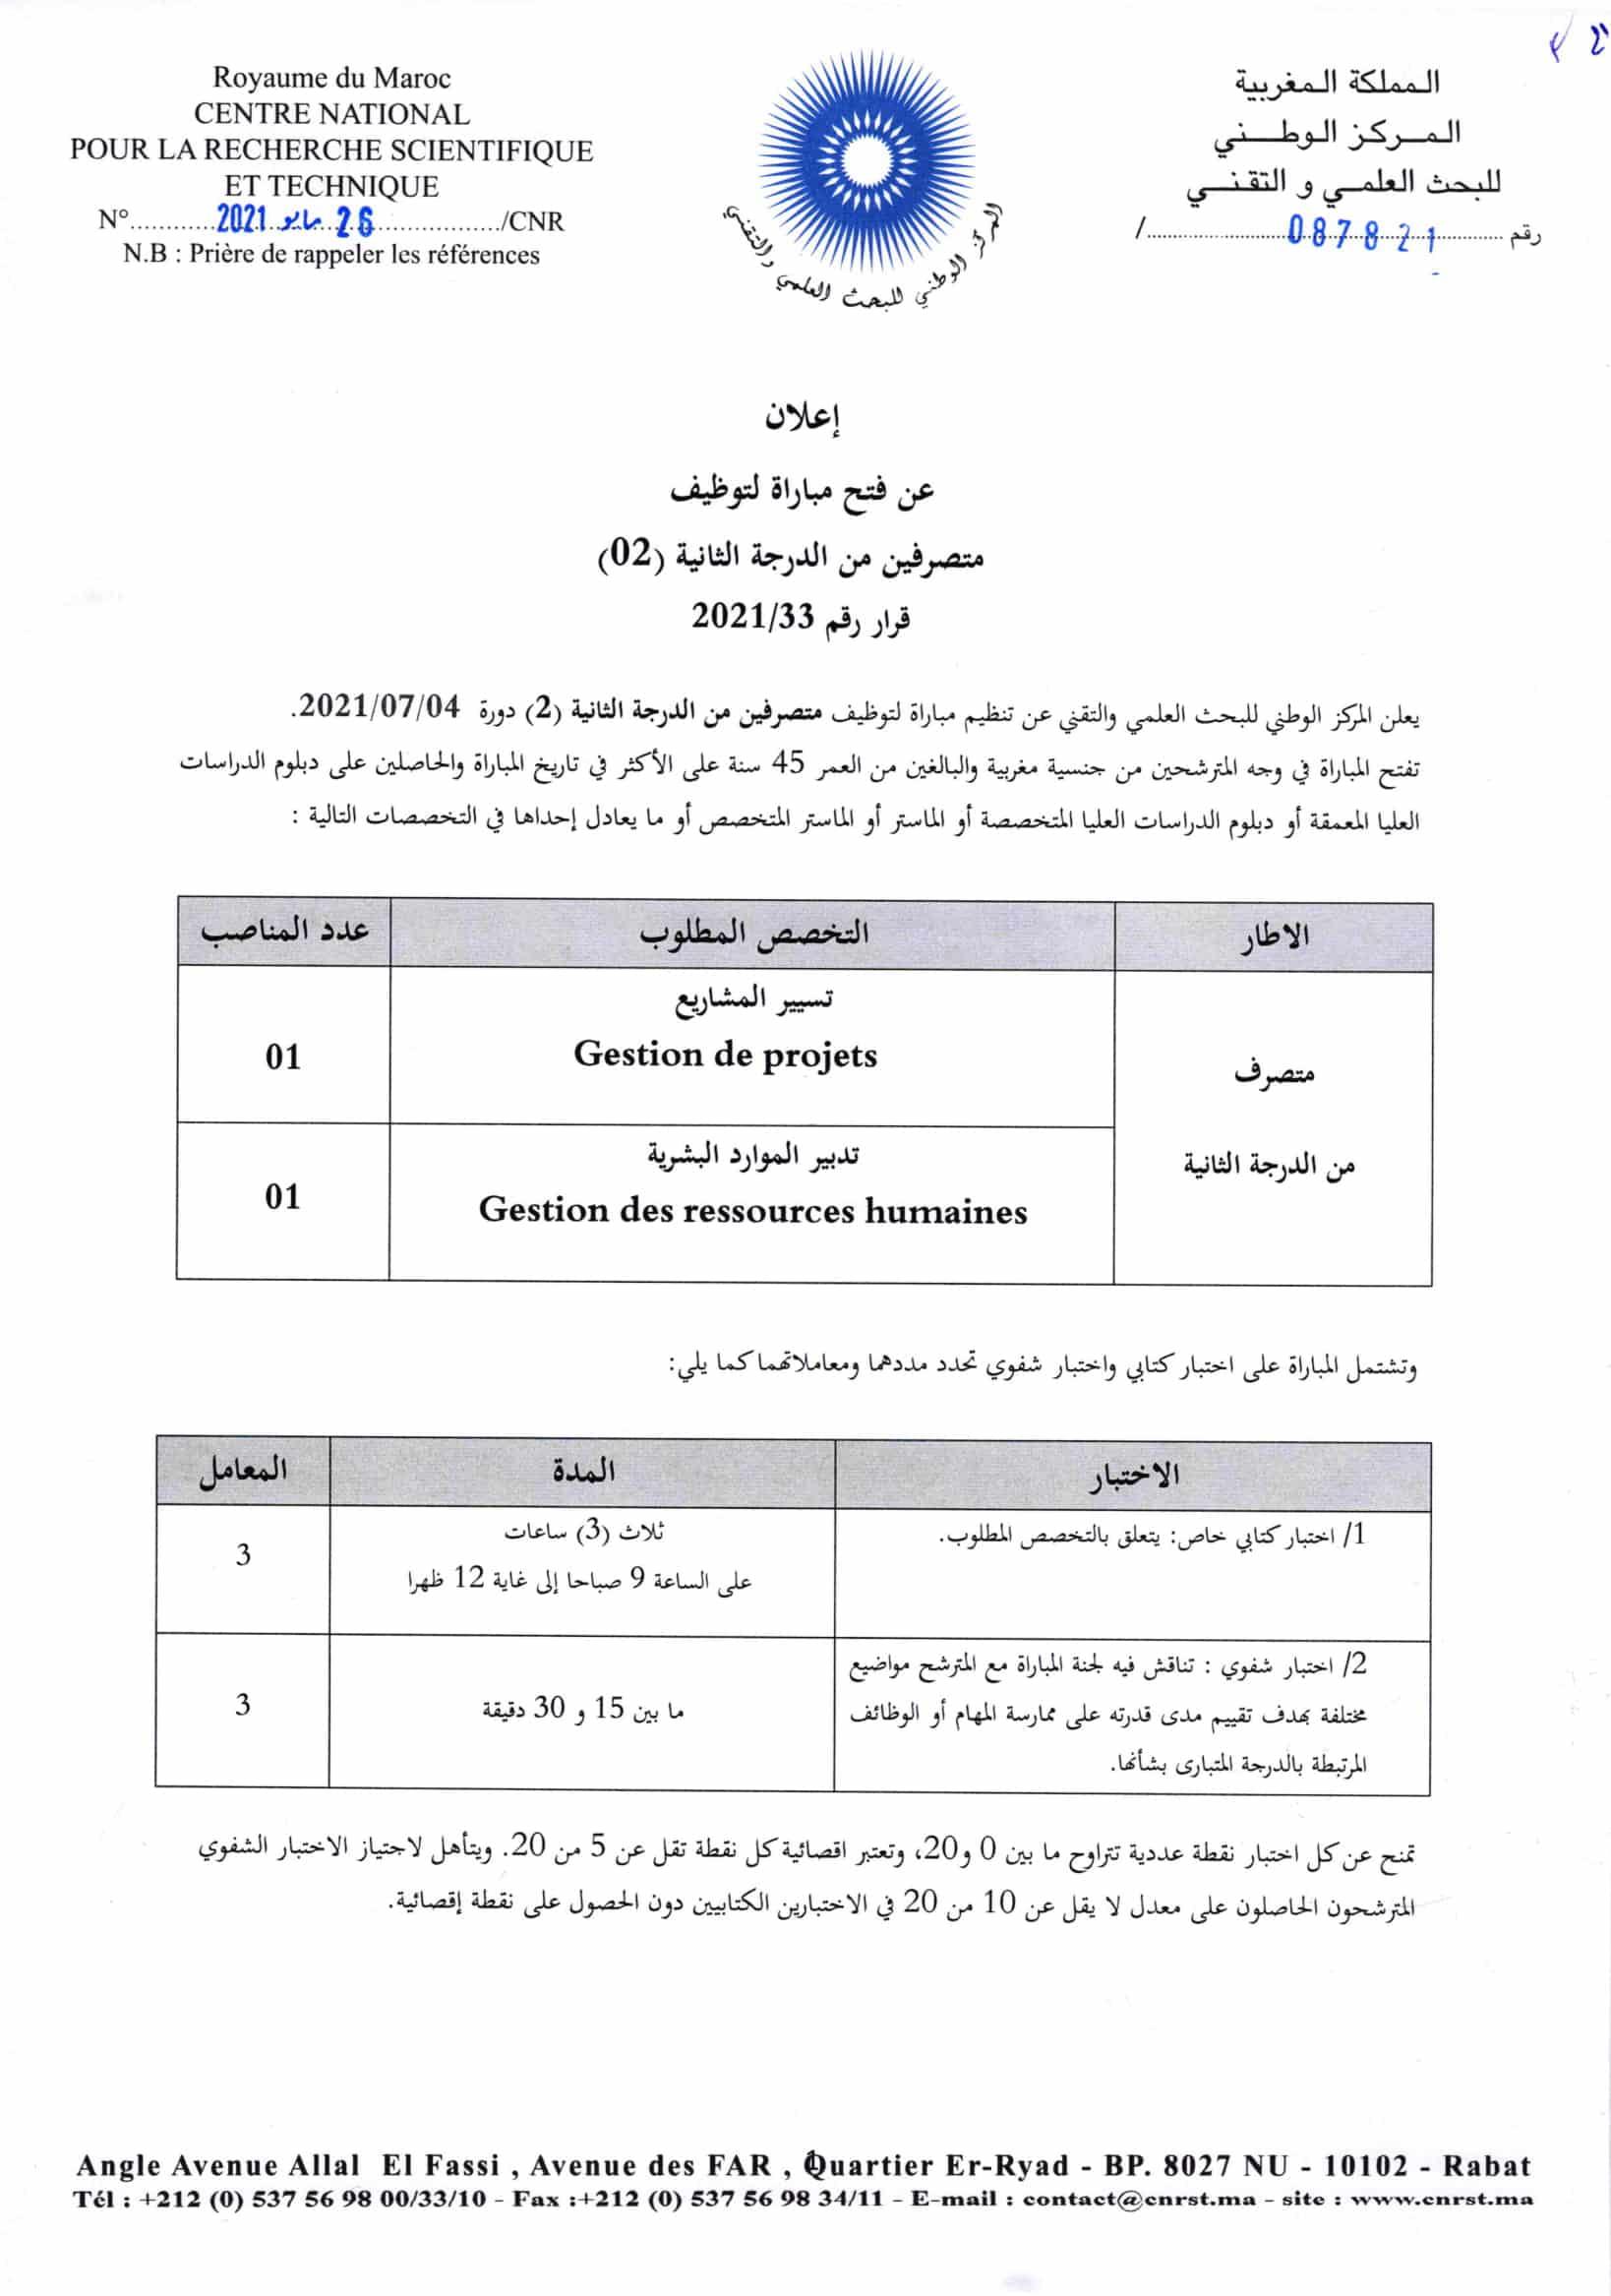 administrateur2grade 1 Liste des Convoqués Concours de Recrutement CNRST 2021 (7 Postes)